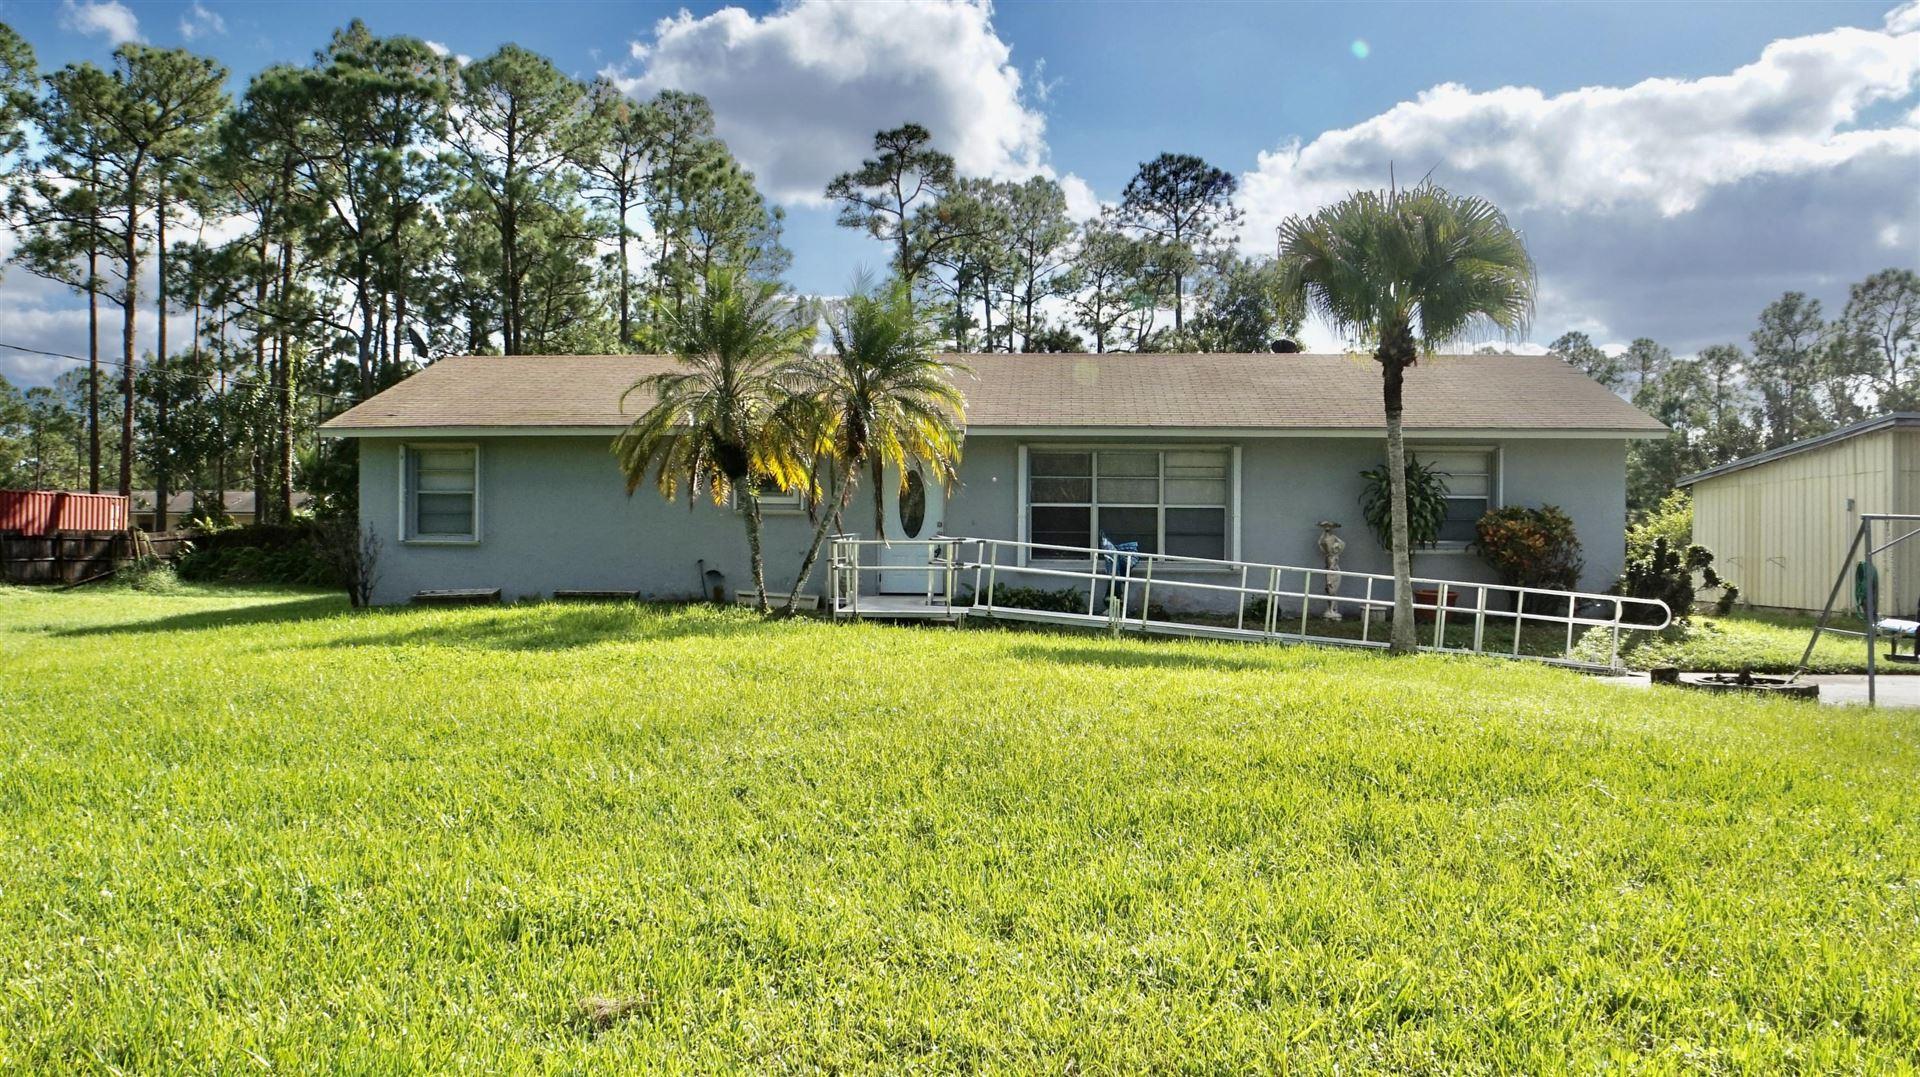 12310 59th Street N, West Palm Beach, FL 33411 - #: RX-10673630